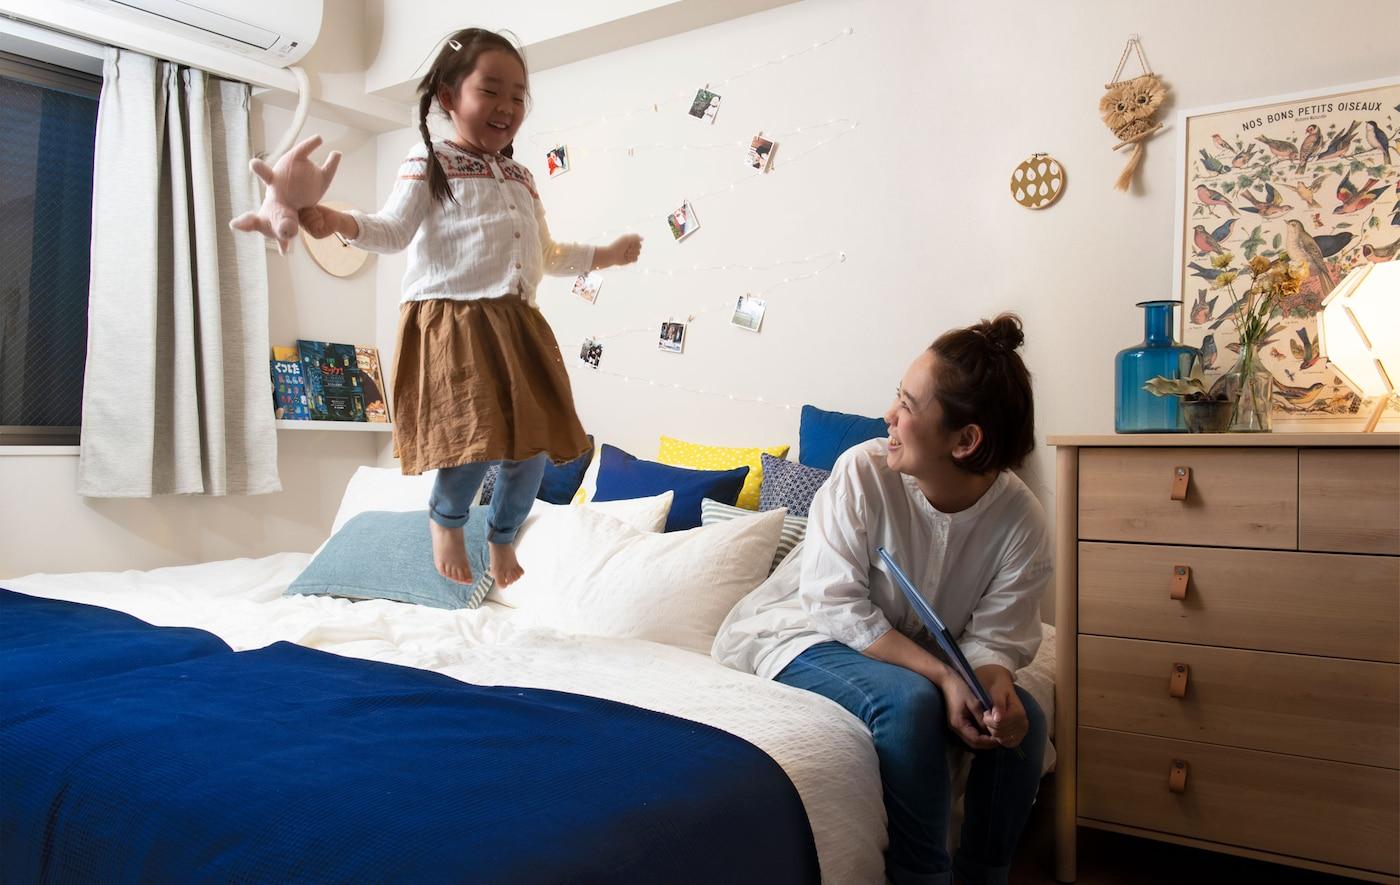 壁掛け書棚のある白いベッドルームの広いベッドの上に座っている女性と立っている子ども。